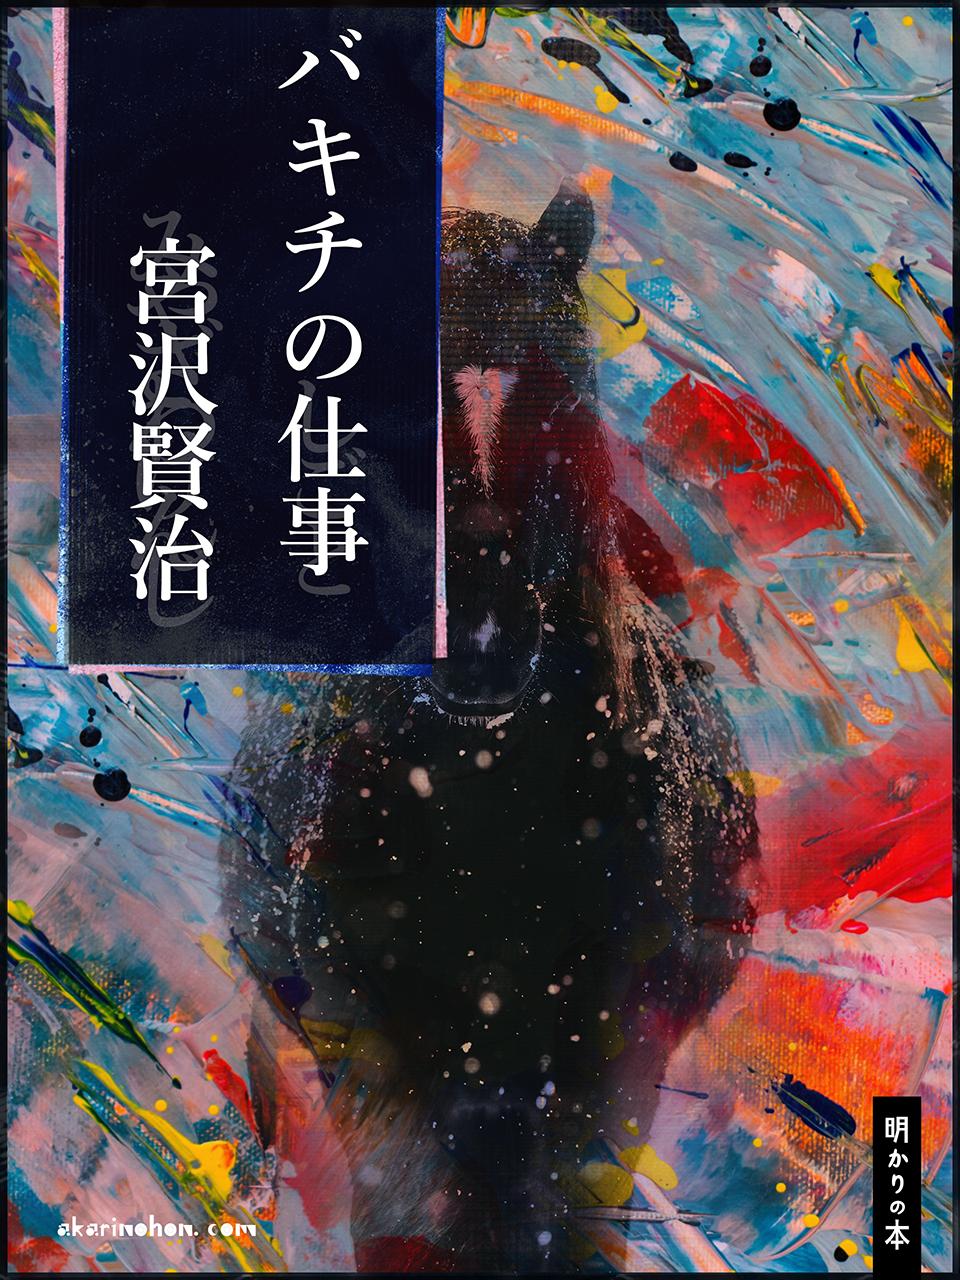 0000 - バキチの仕事 宮沢賢治